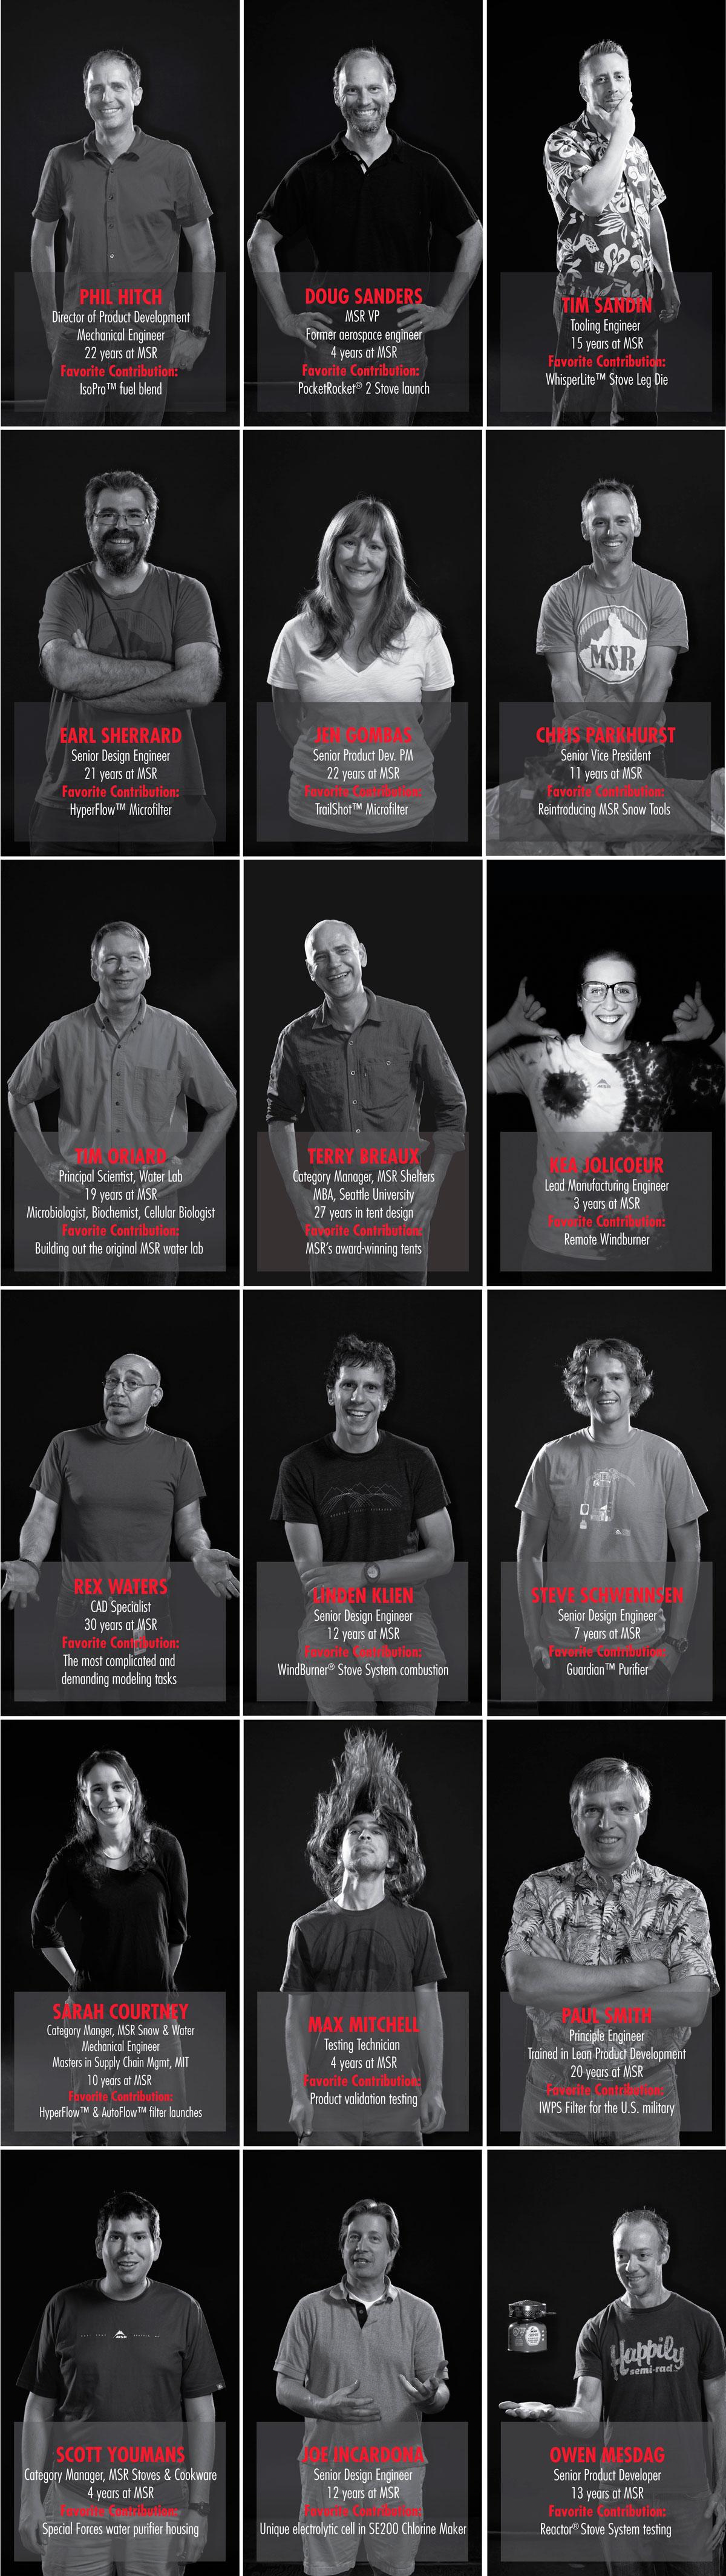 Ниже мы публикуем портреты людей, которые стояли за инновациями компании MSR в прошлом, стоят в настоящем и за кем будущее индустрии туристического снаряжения.